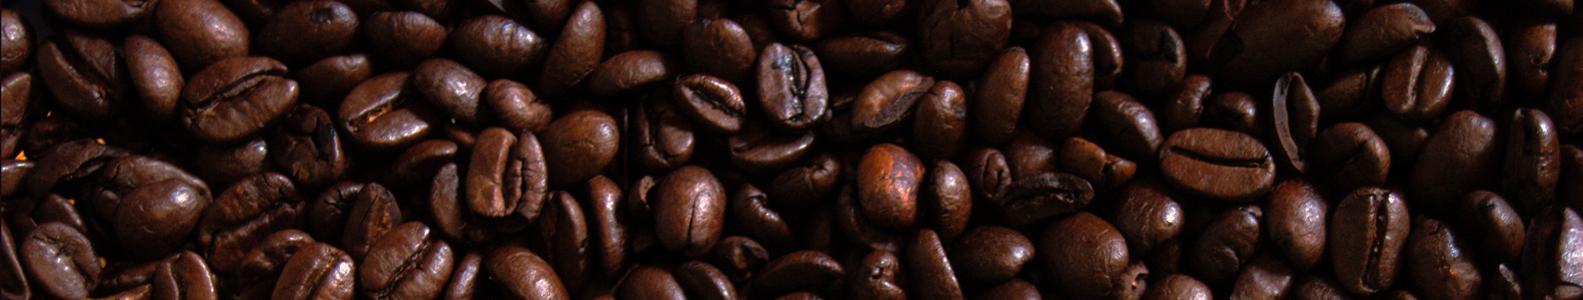 Kavos drėgmės matuokliai